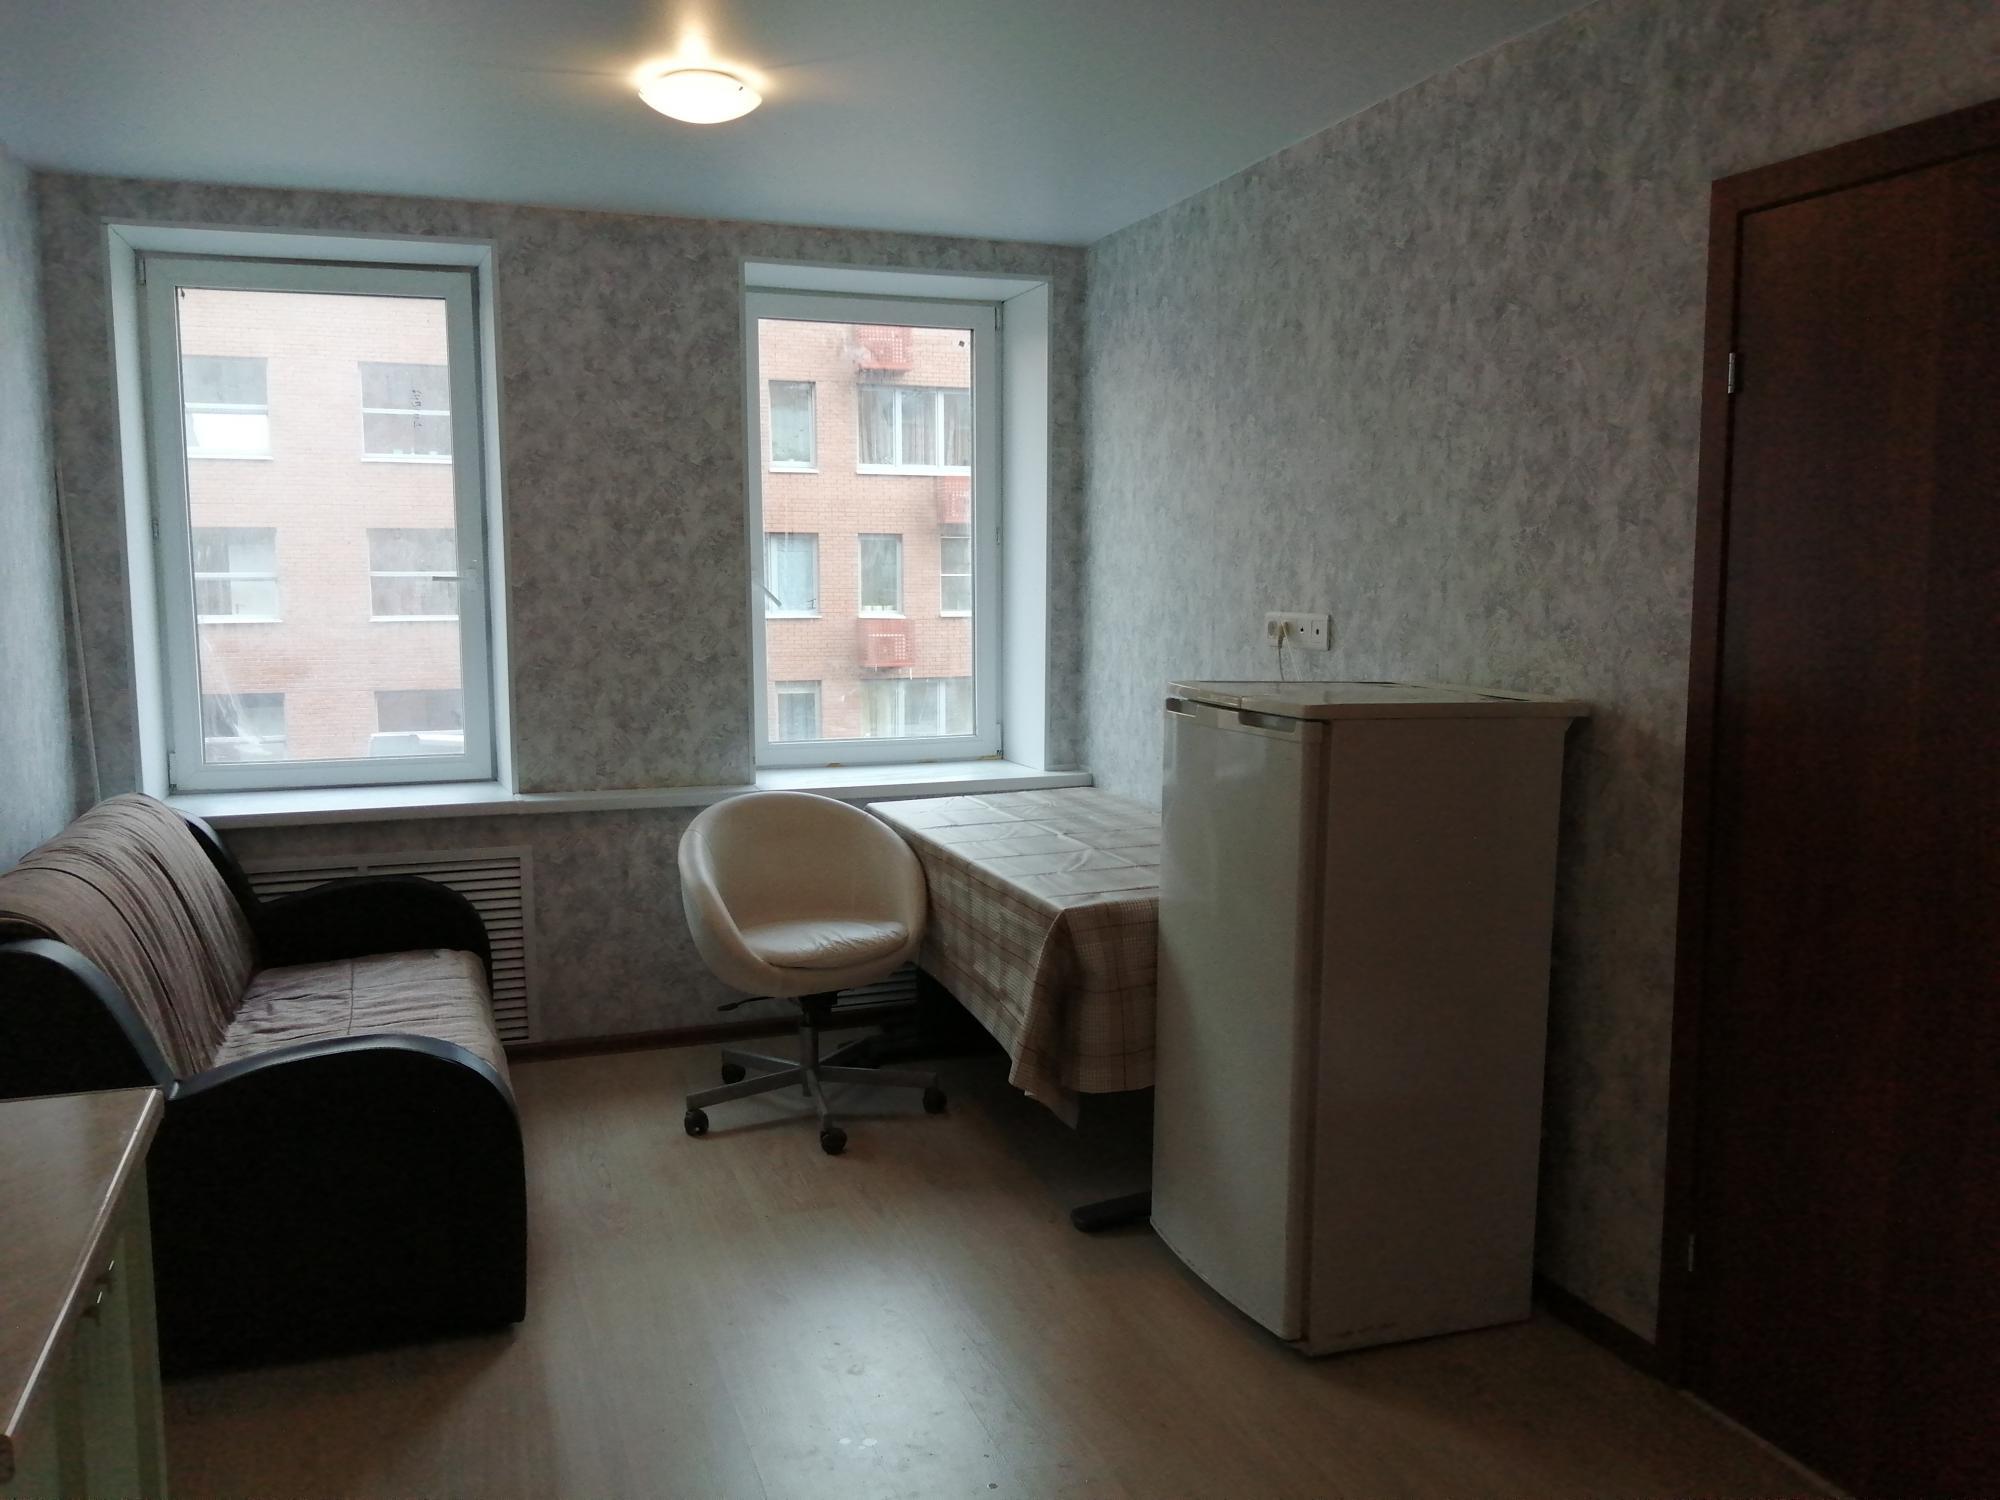 Квартира, 1 комната, 38 м² в Красково 89167750489 купить 5